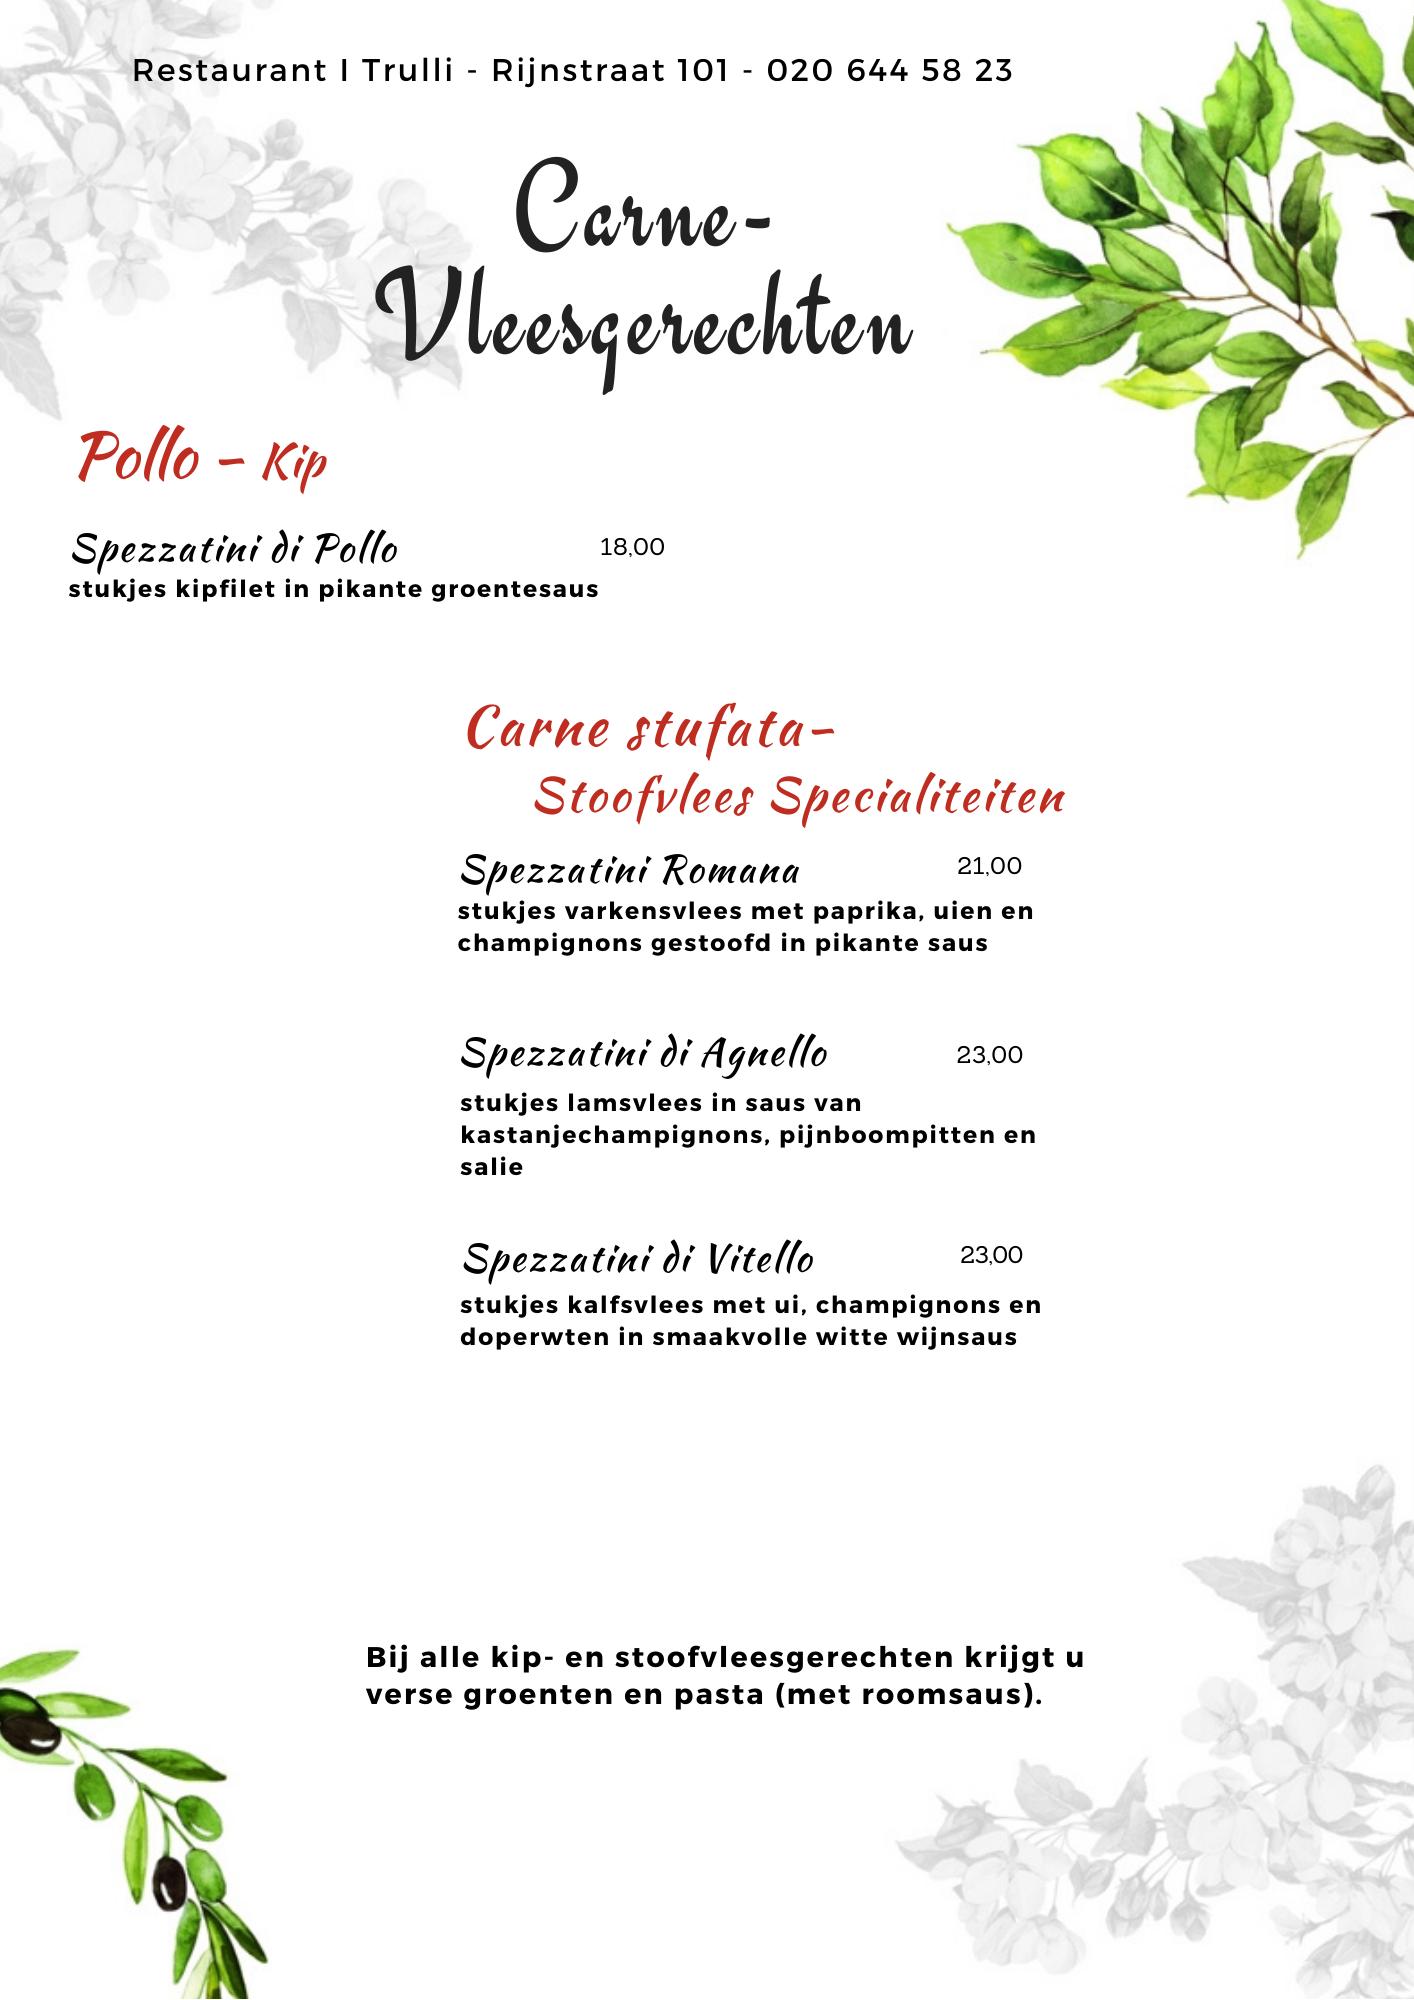 Website Menu I Trulli - corona - vleesgerechten